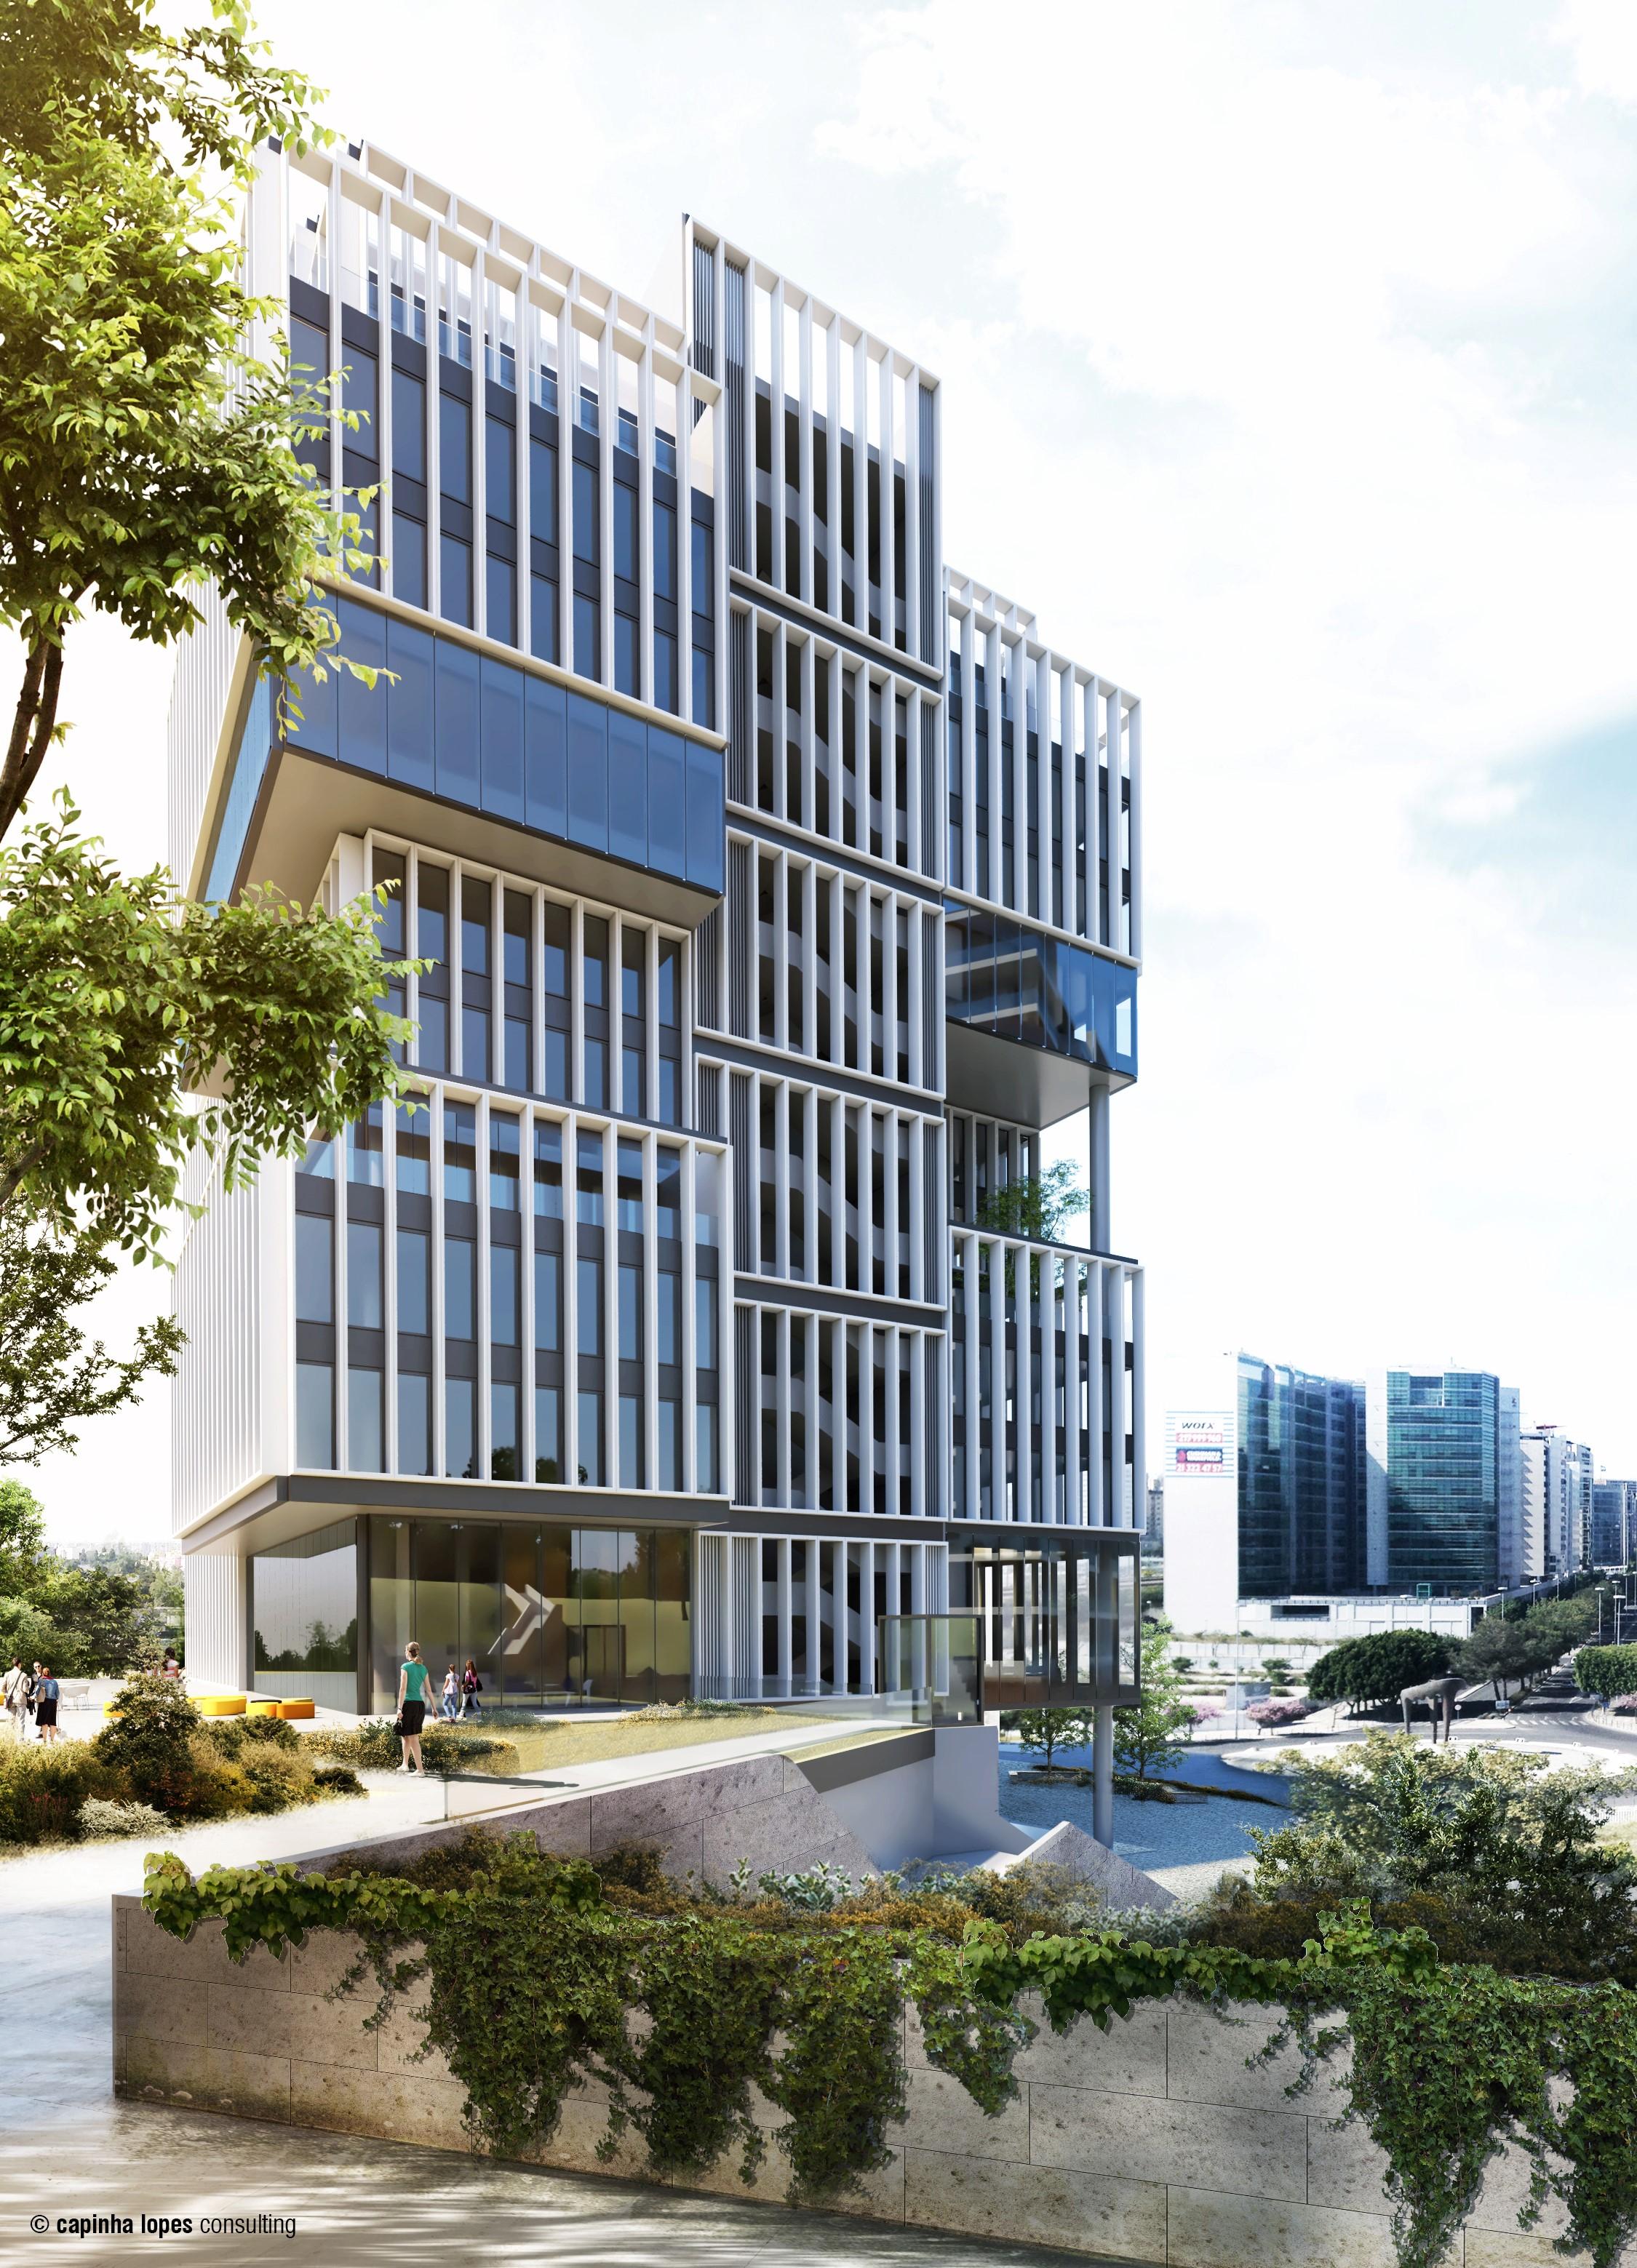 A futura sede, no Parque das Nações / Capinhas Lopes consulting via Cushman & Wakefield